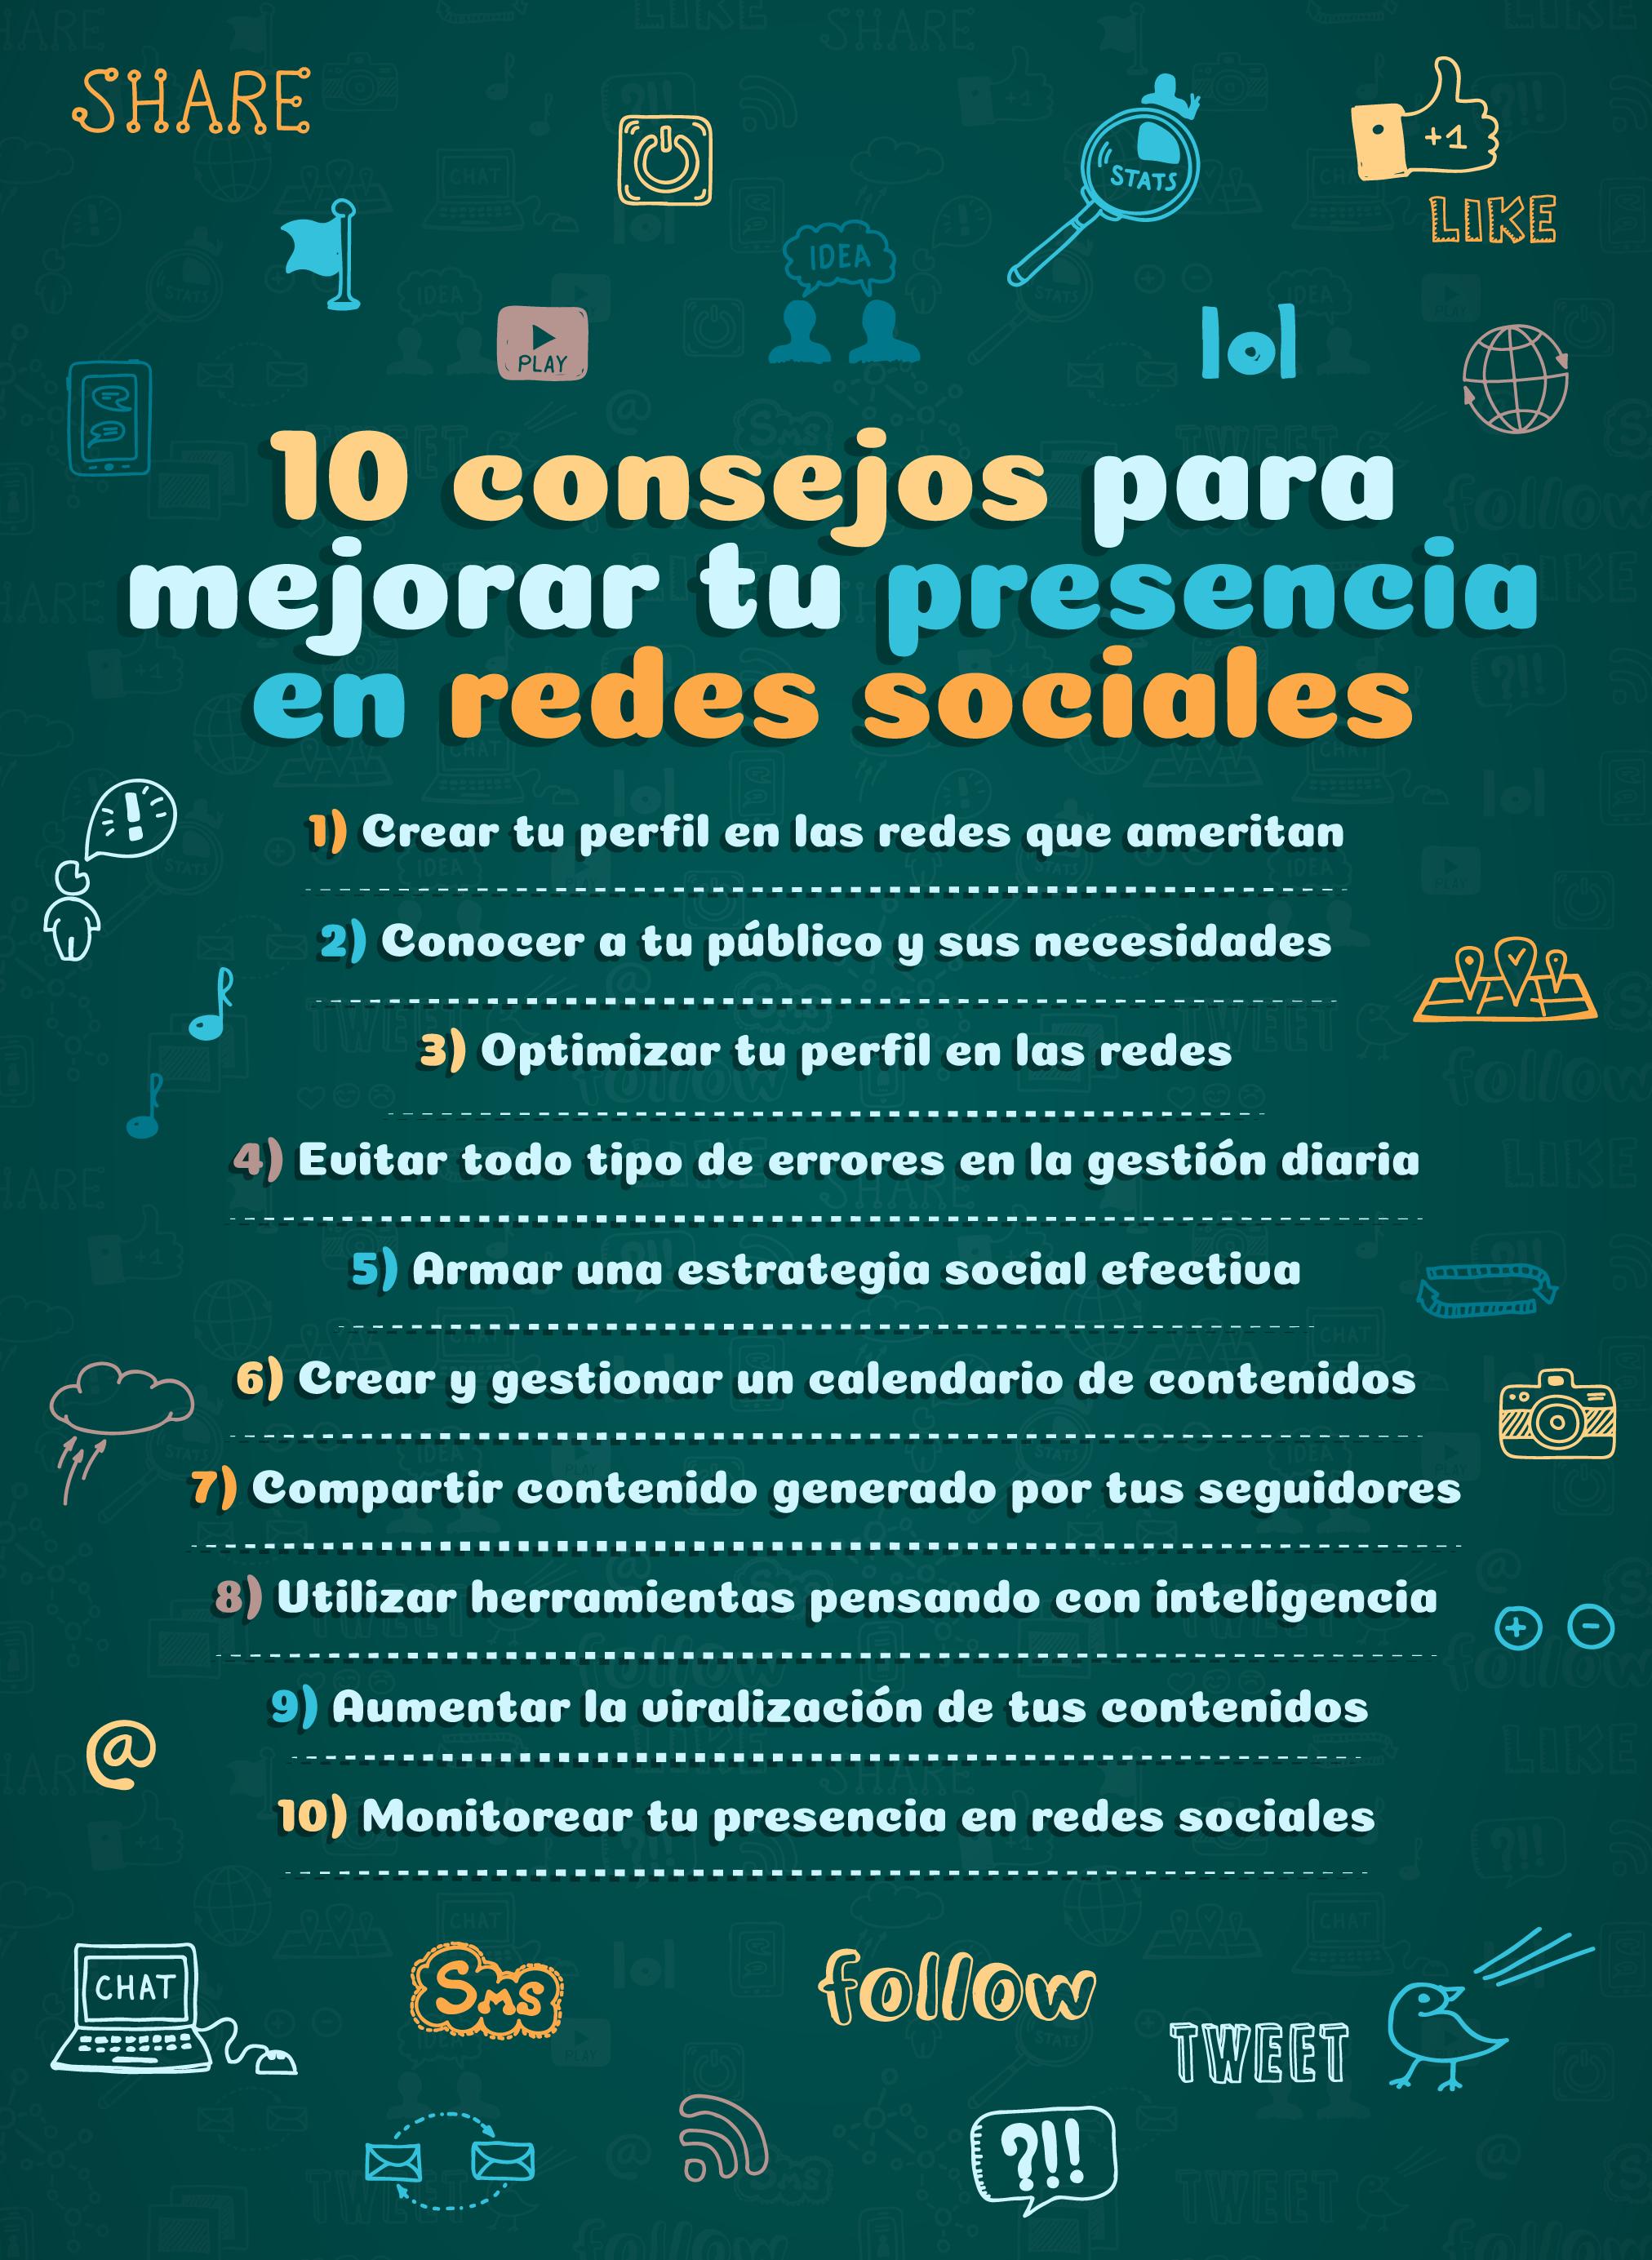 10 consejos para mejorar tu presencia en redes sociales